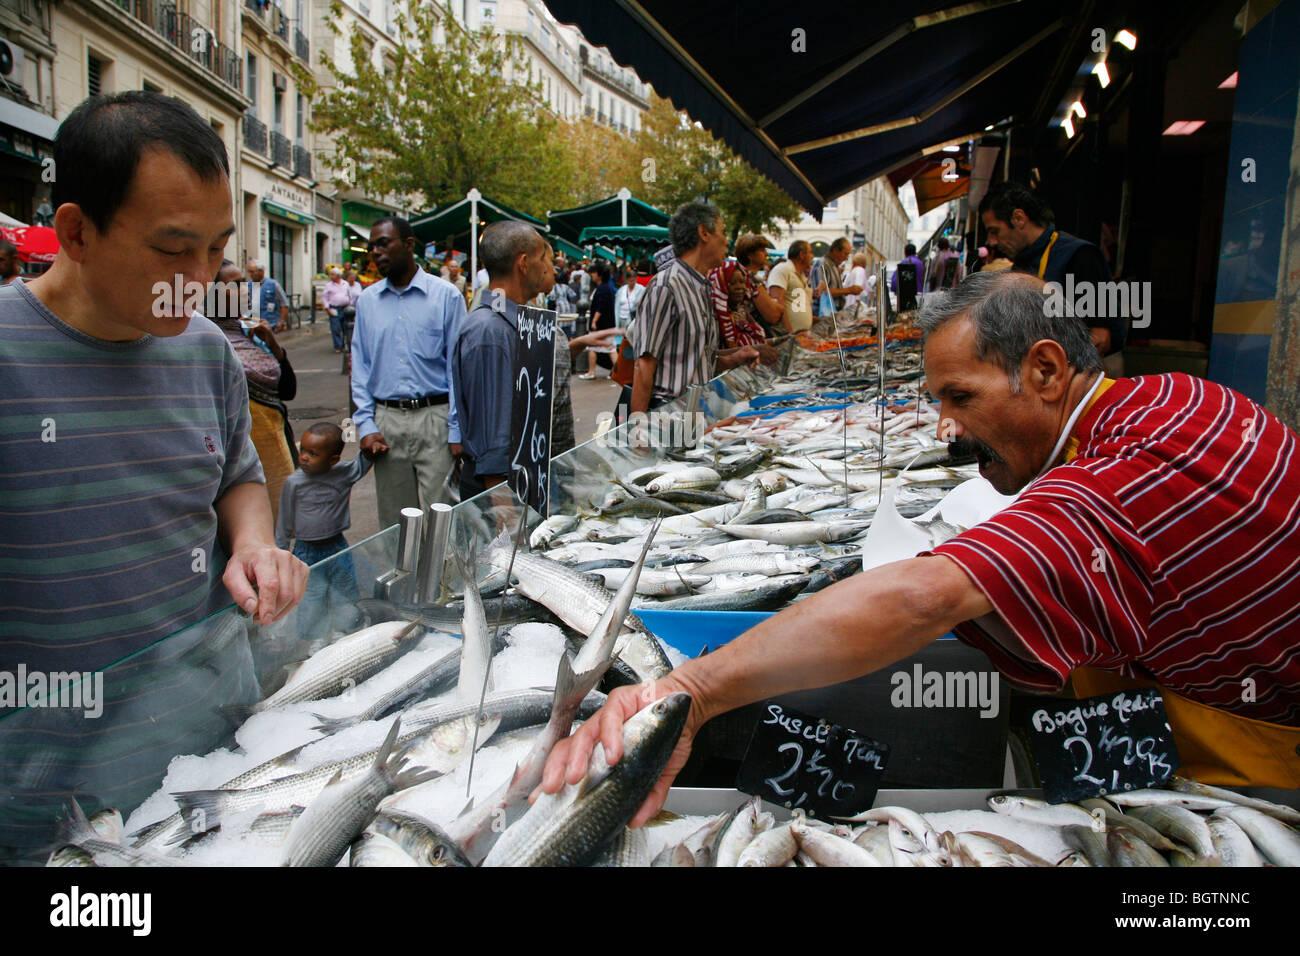 Marche des Capucins, Marseille, Provence, France. - Stock Image